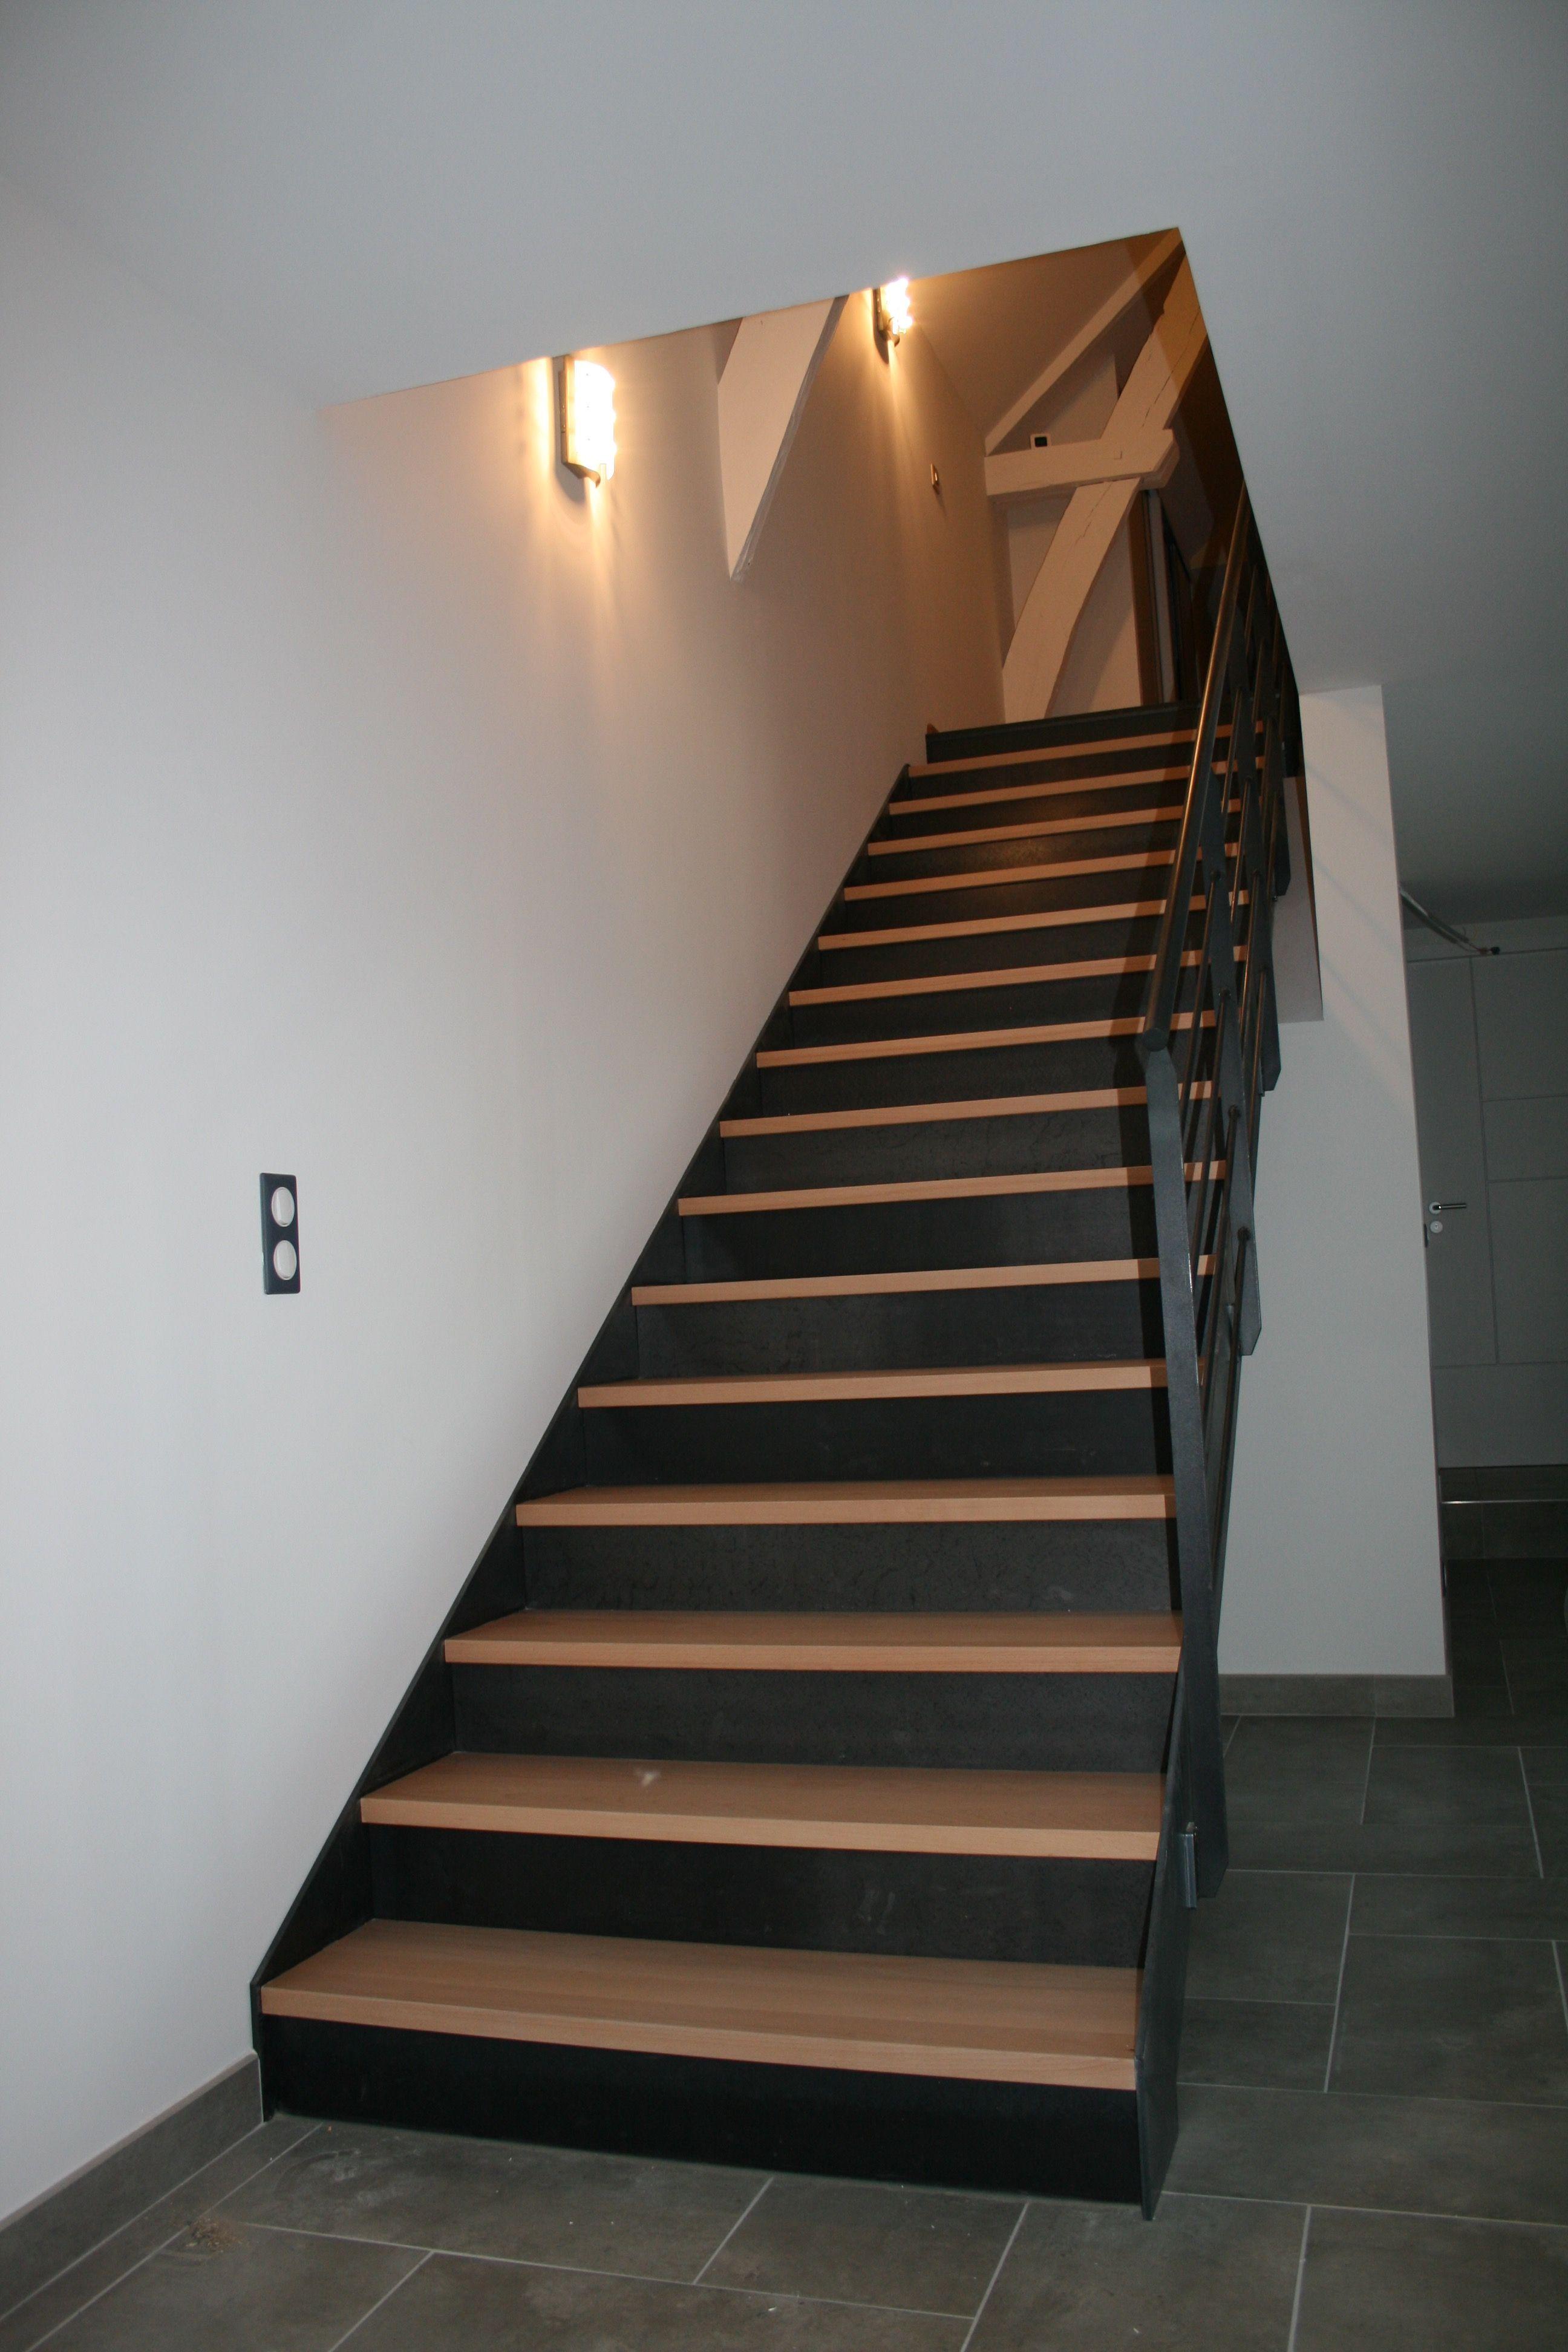 Escalier Droit Marches Bois Et Contremarches Acier Renovation Escalier Bois Escaliers Maison Habillage Escalier